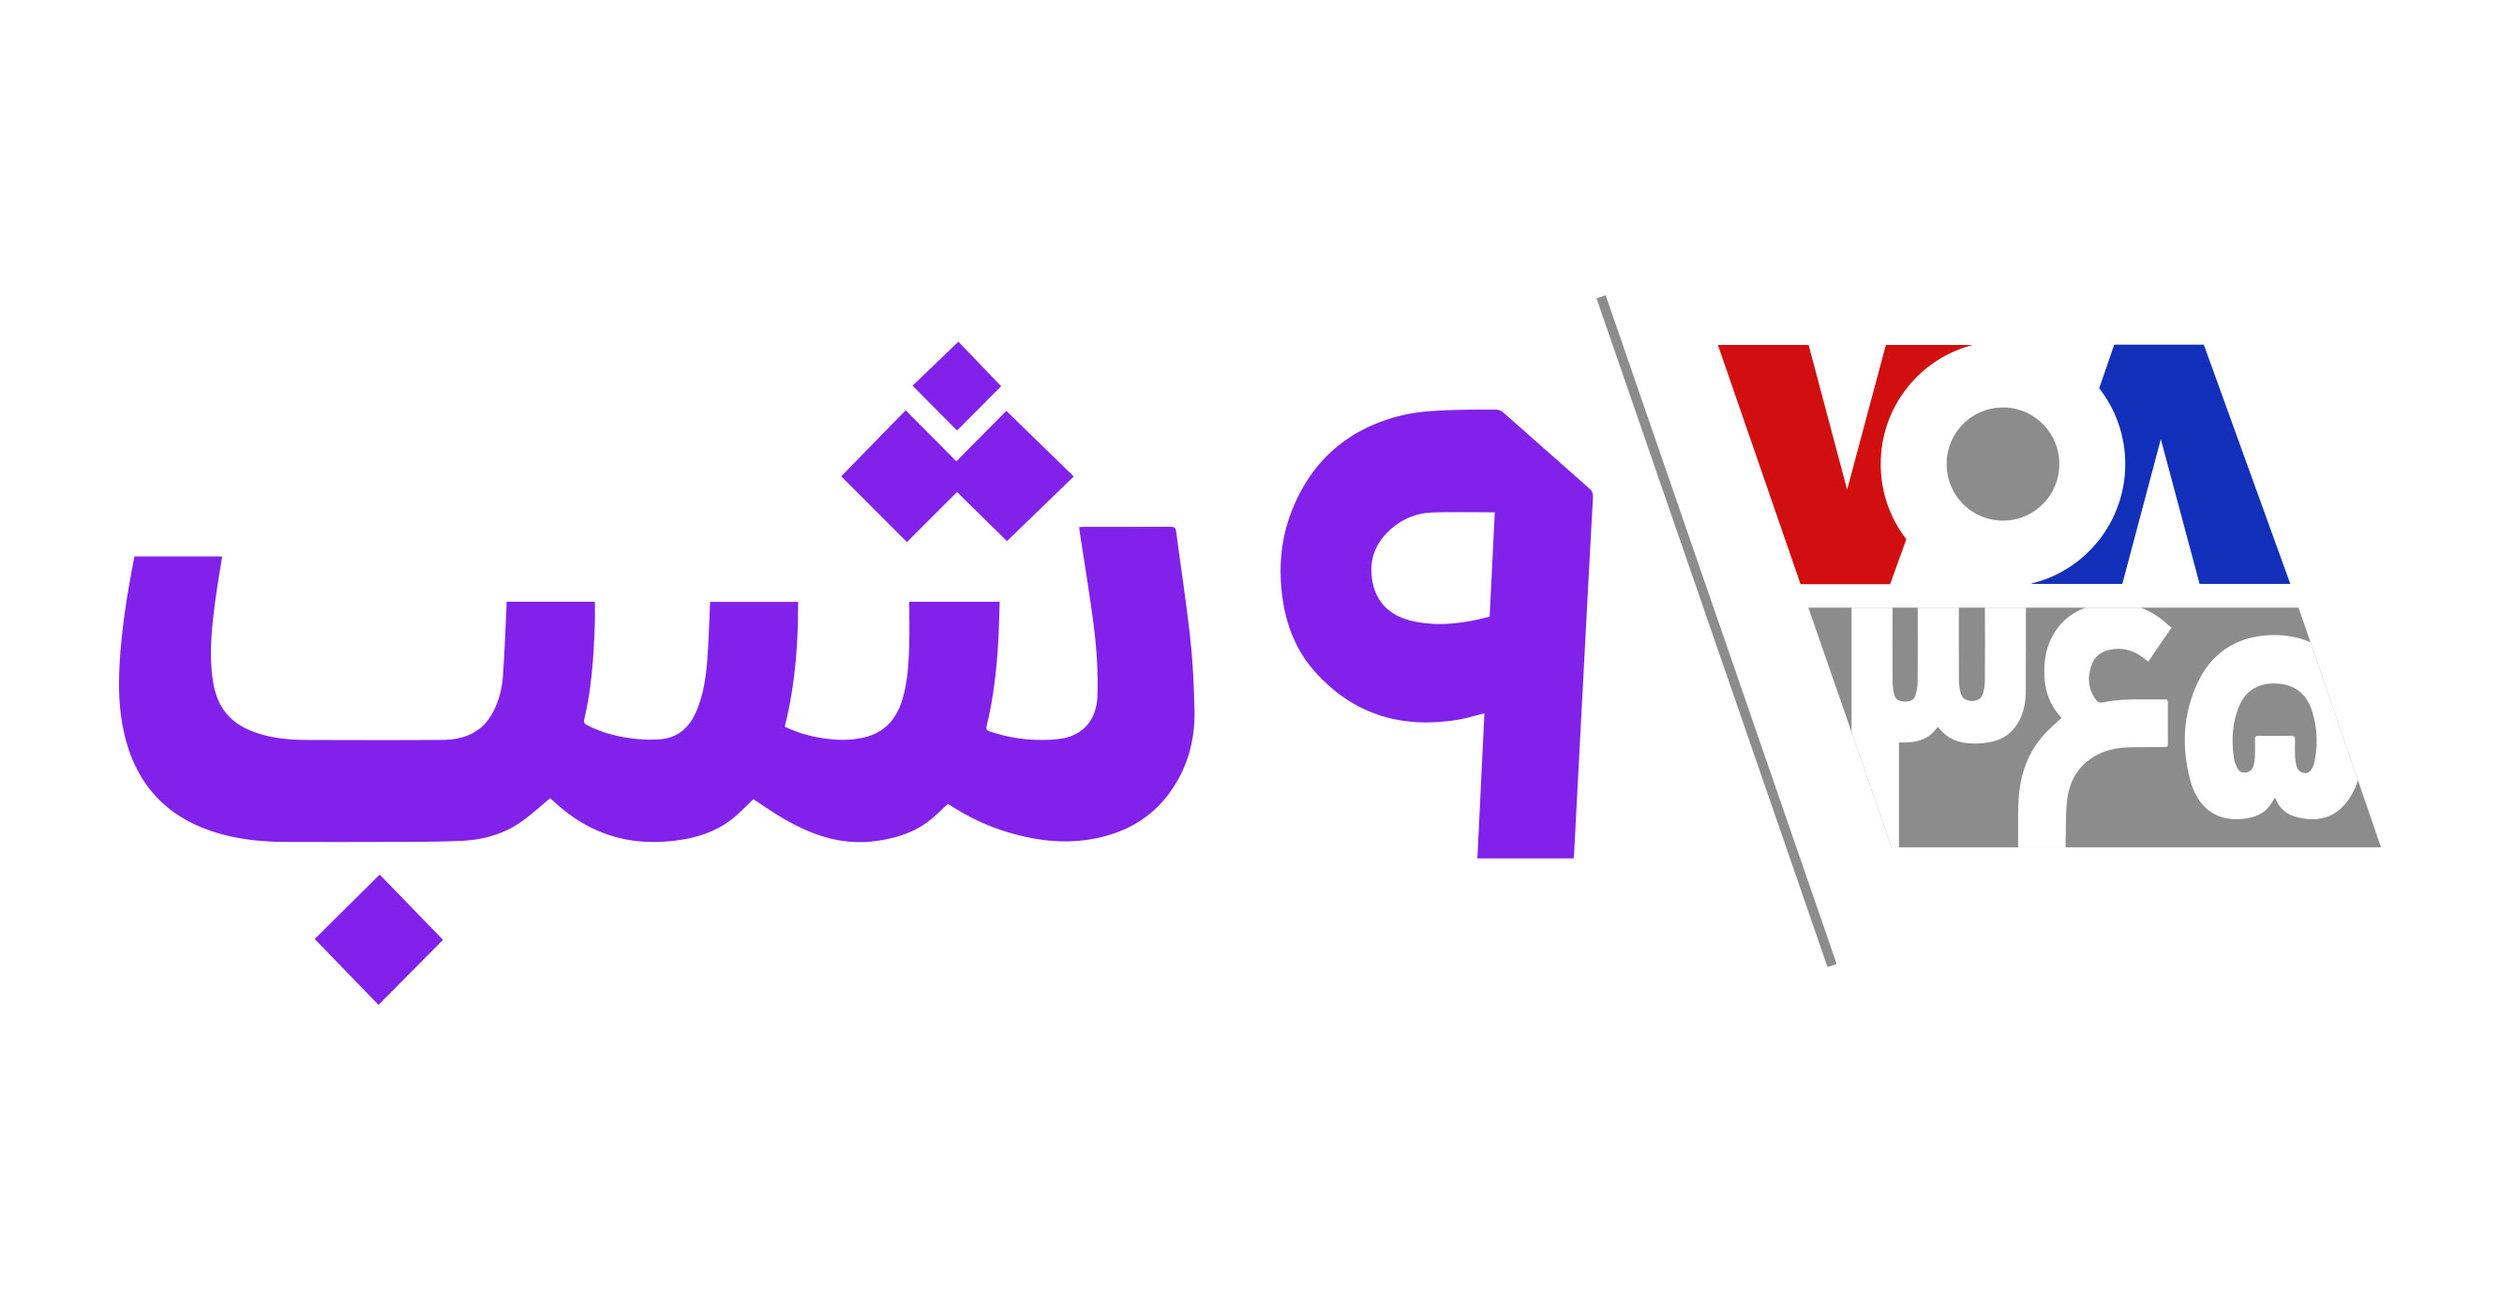 VOA_N9_02_LOGO_WIP04.jpg